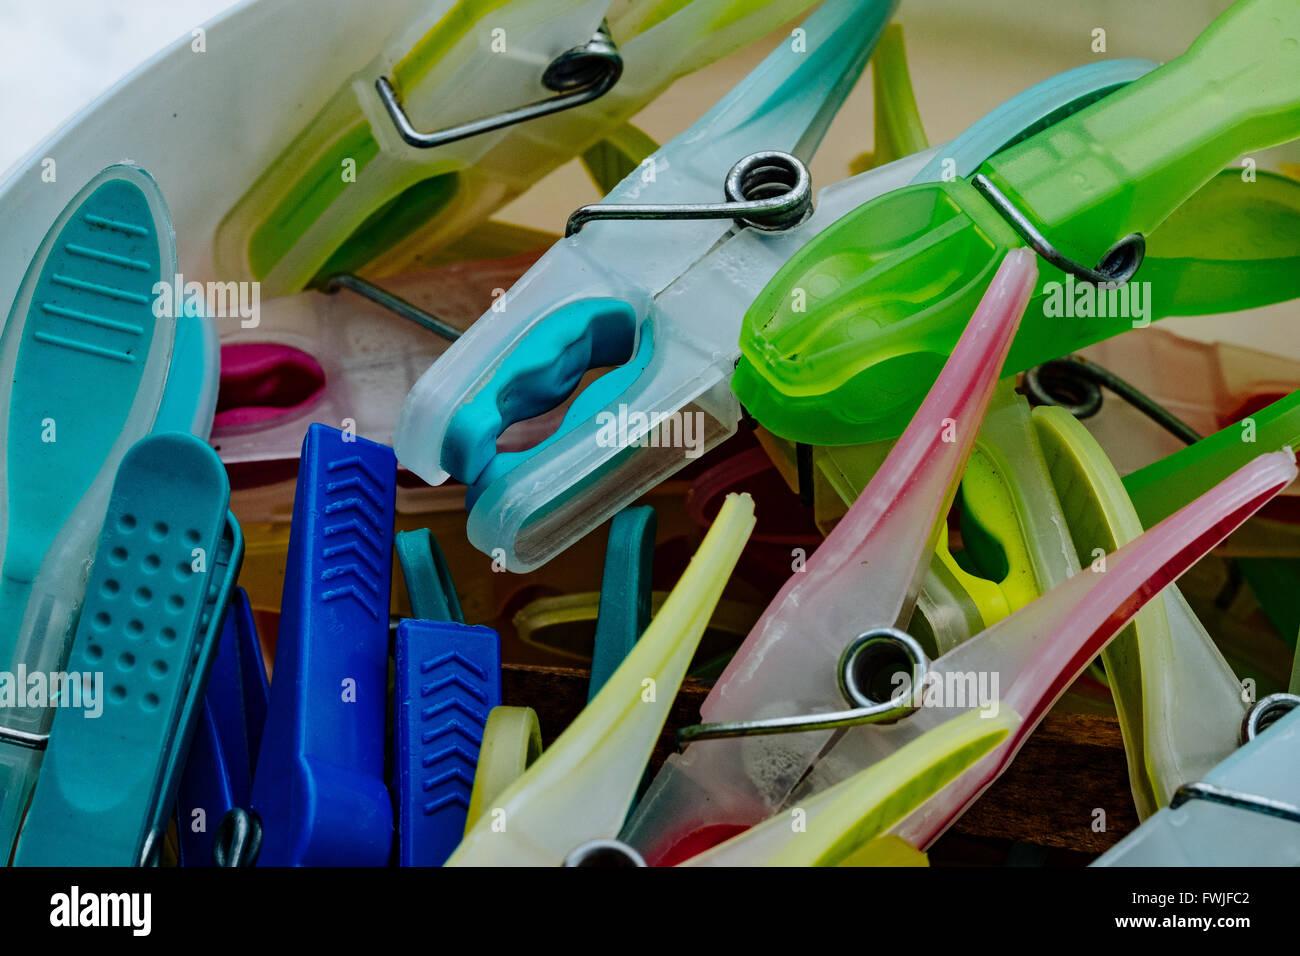 Nahaufnahme von bunten Wäscheklammern Stockbild